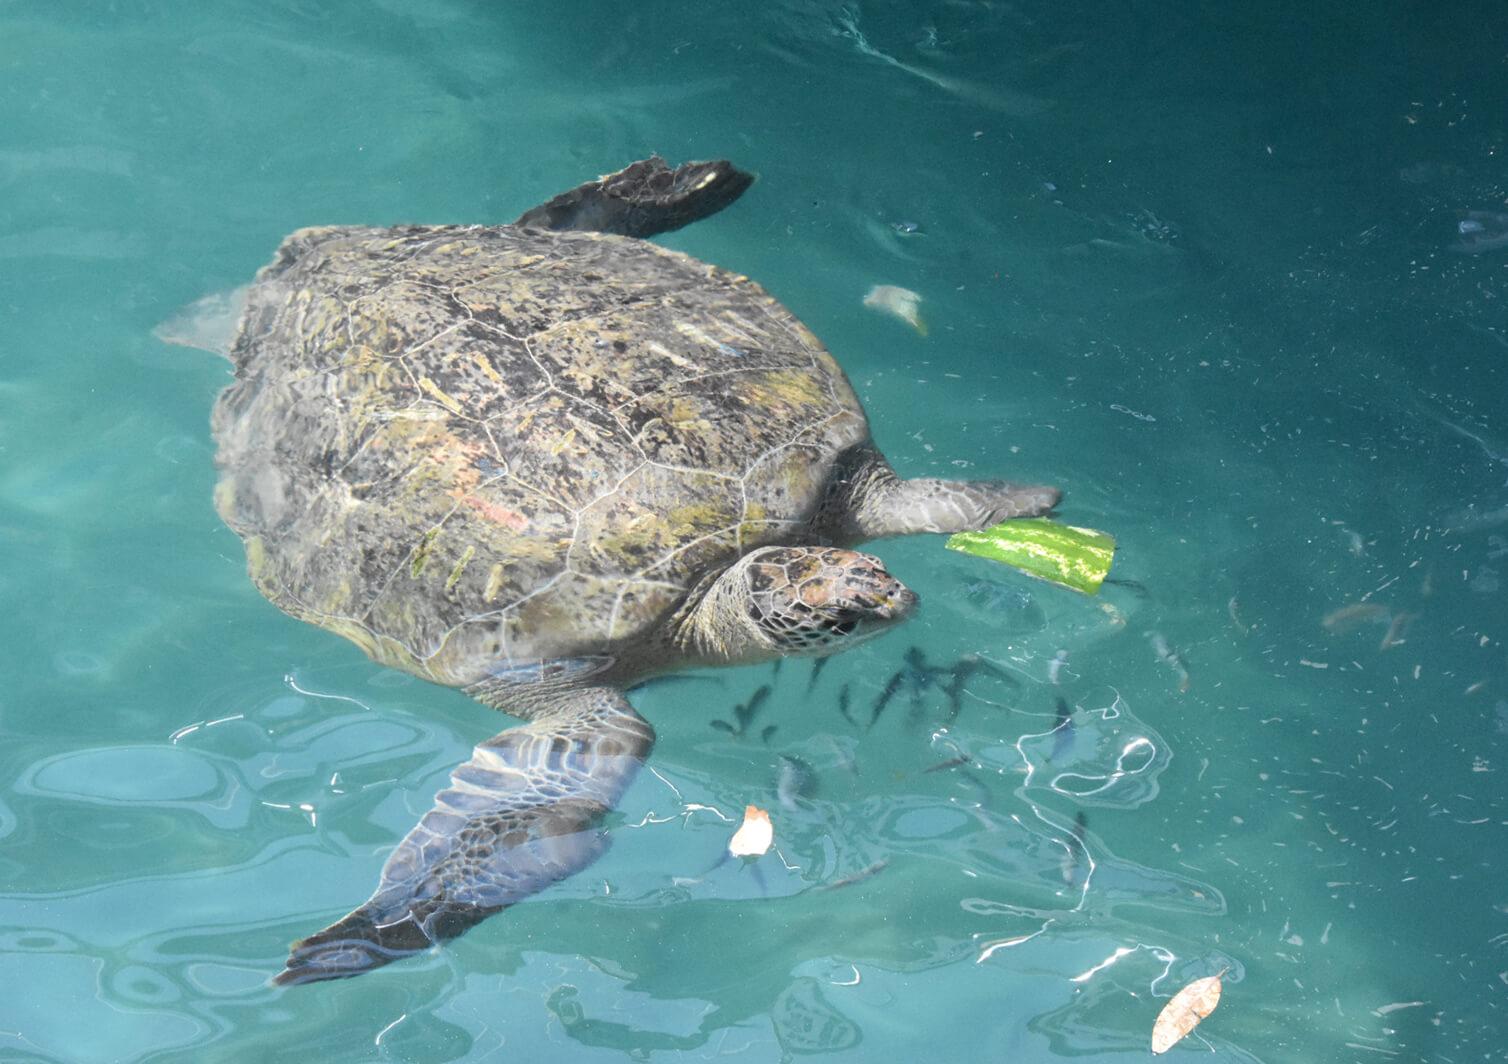 caretta carettalar beslenme için koya yüzüyor